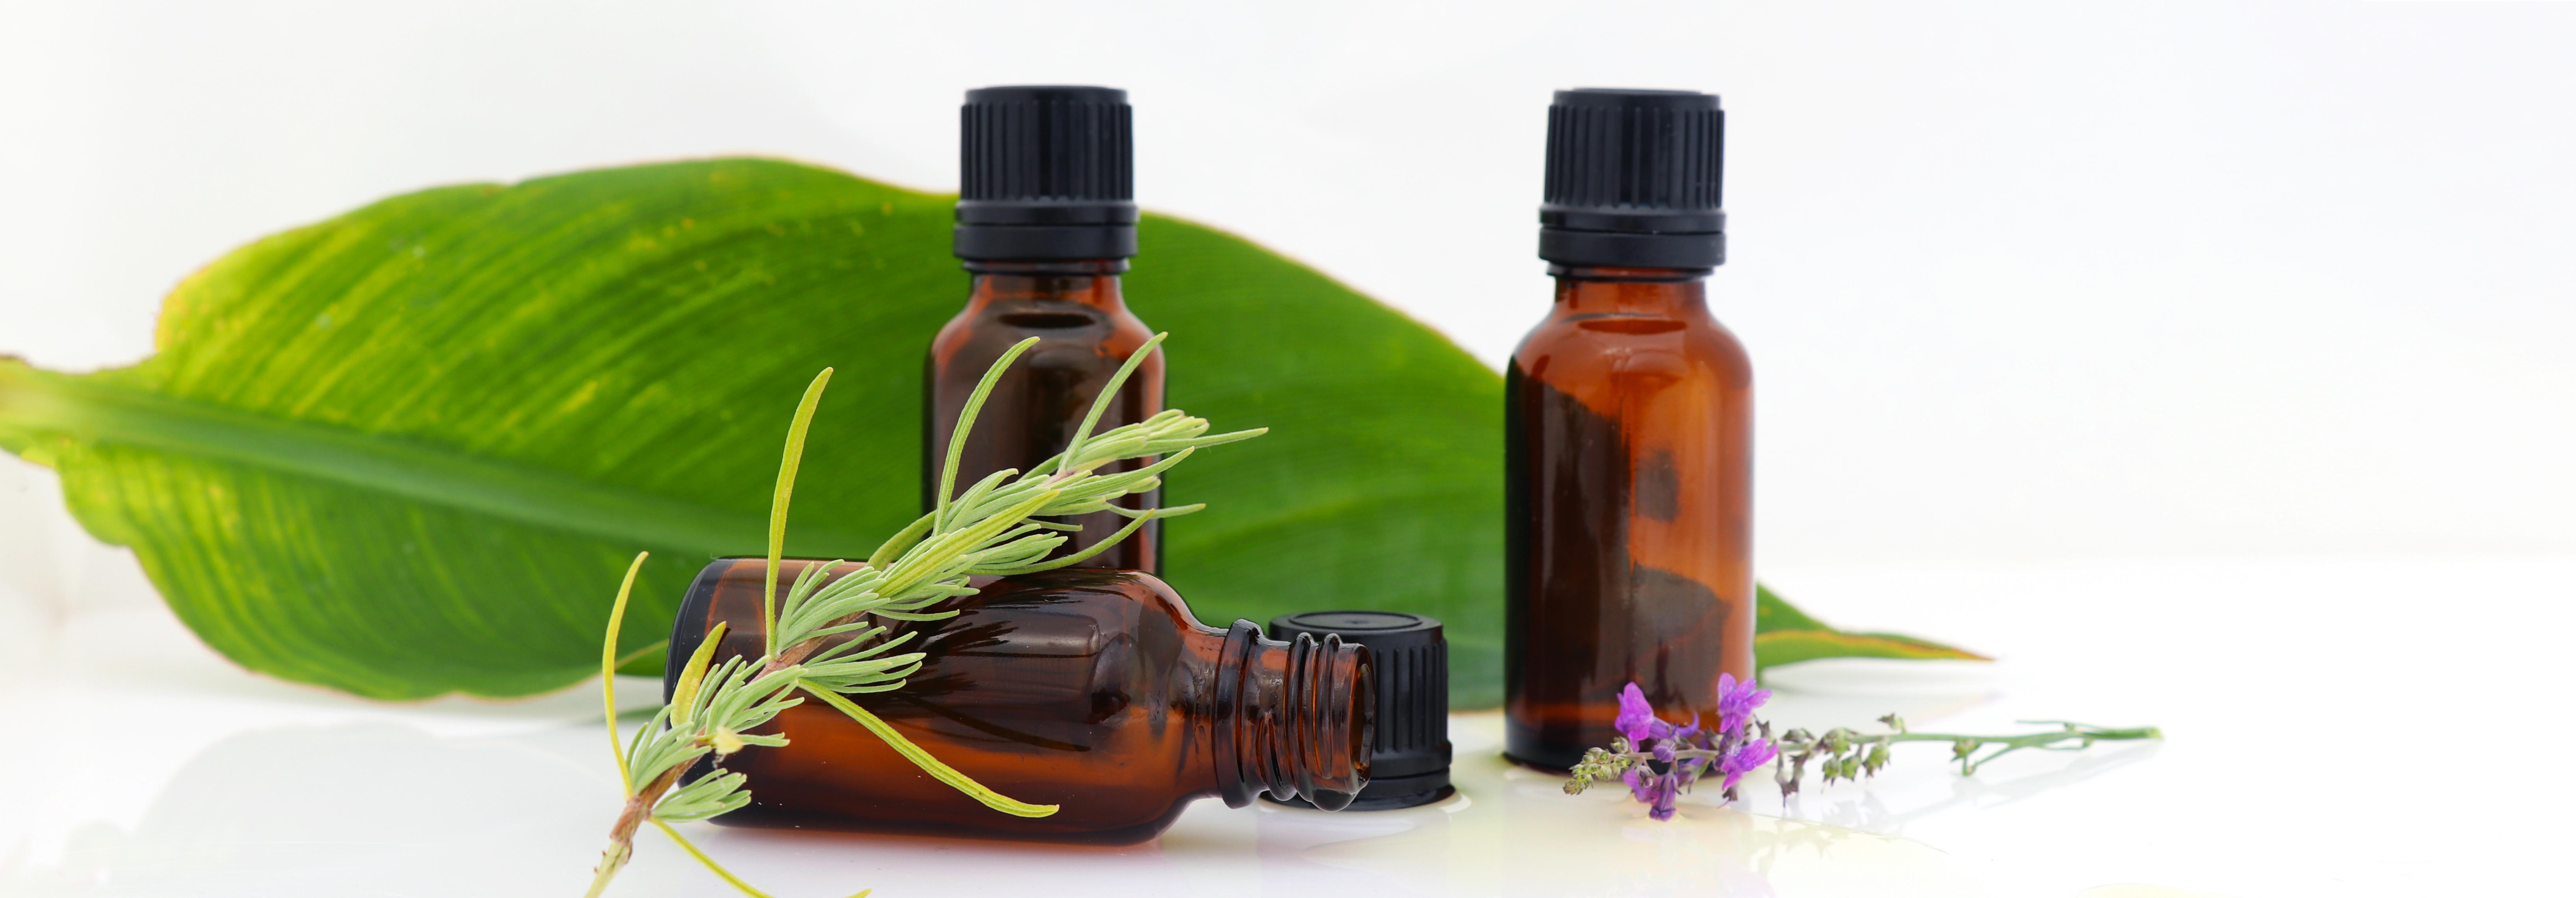 Buy New Zealand Essential Oils Online